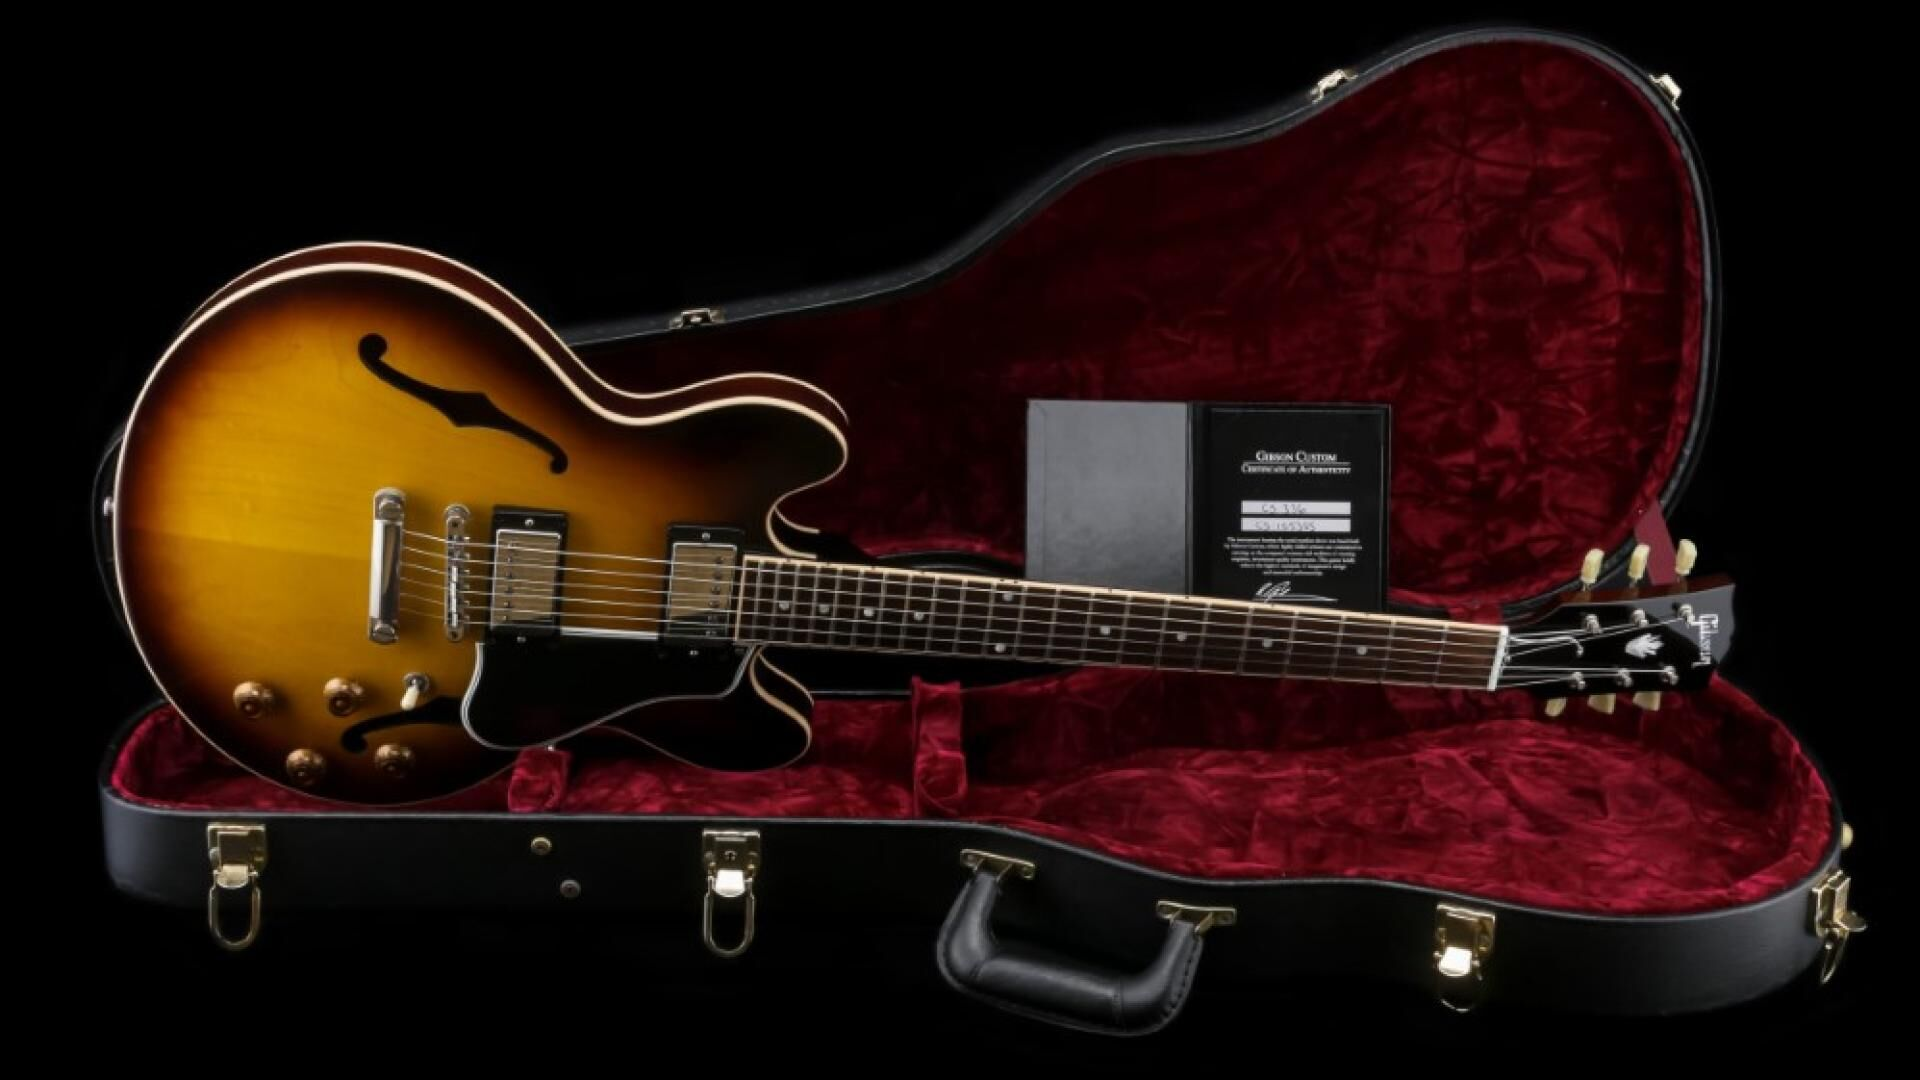 Gibson CS-336